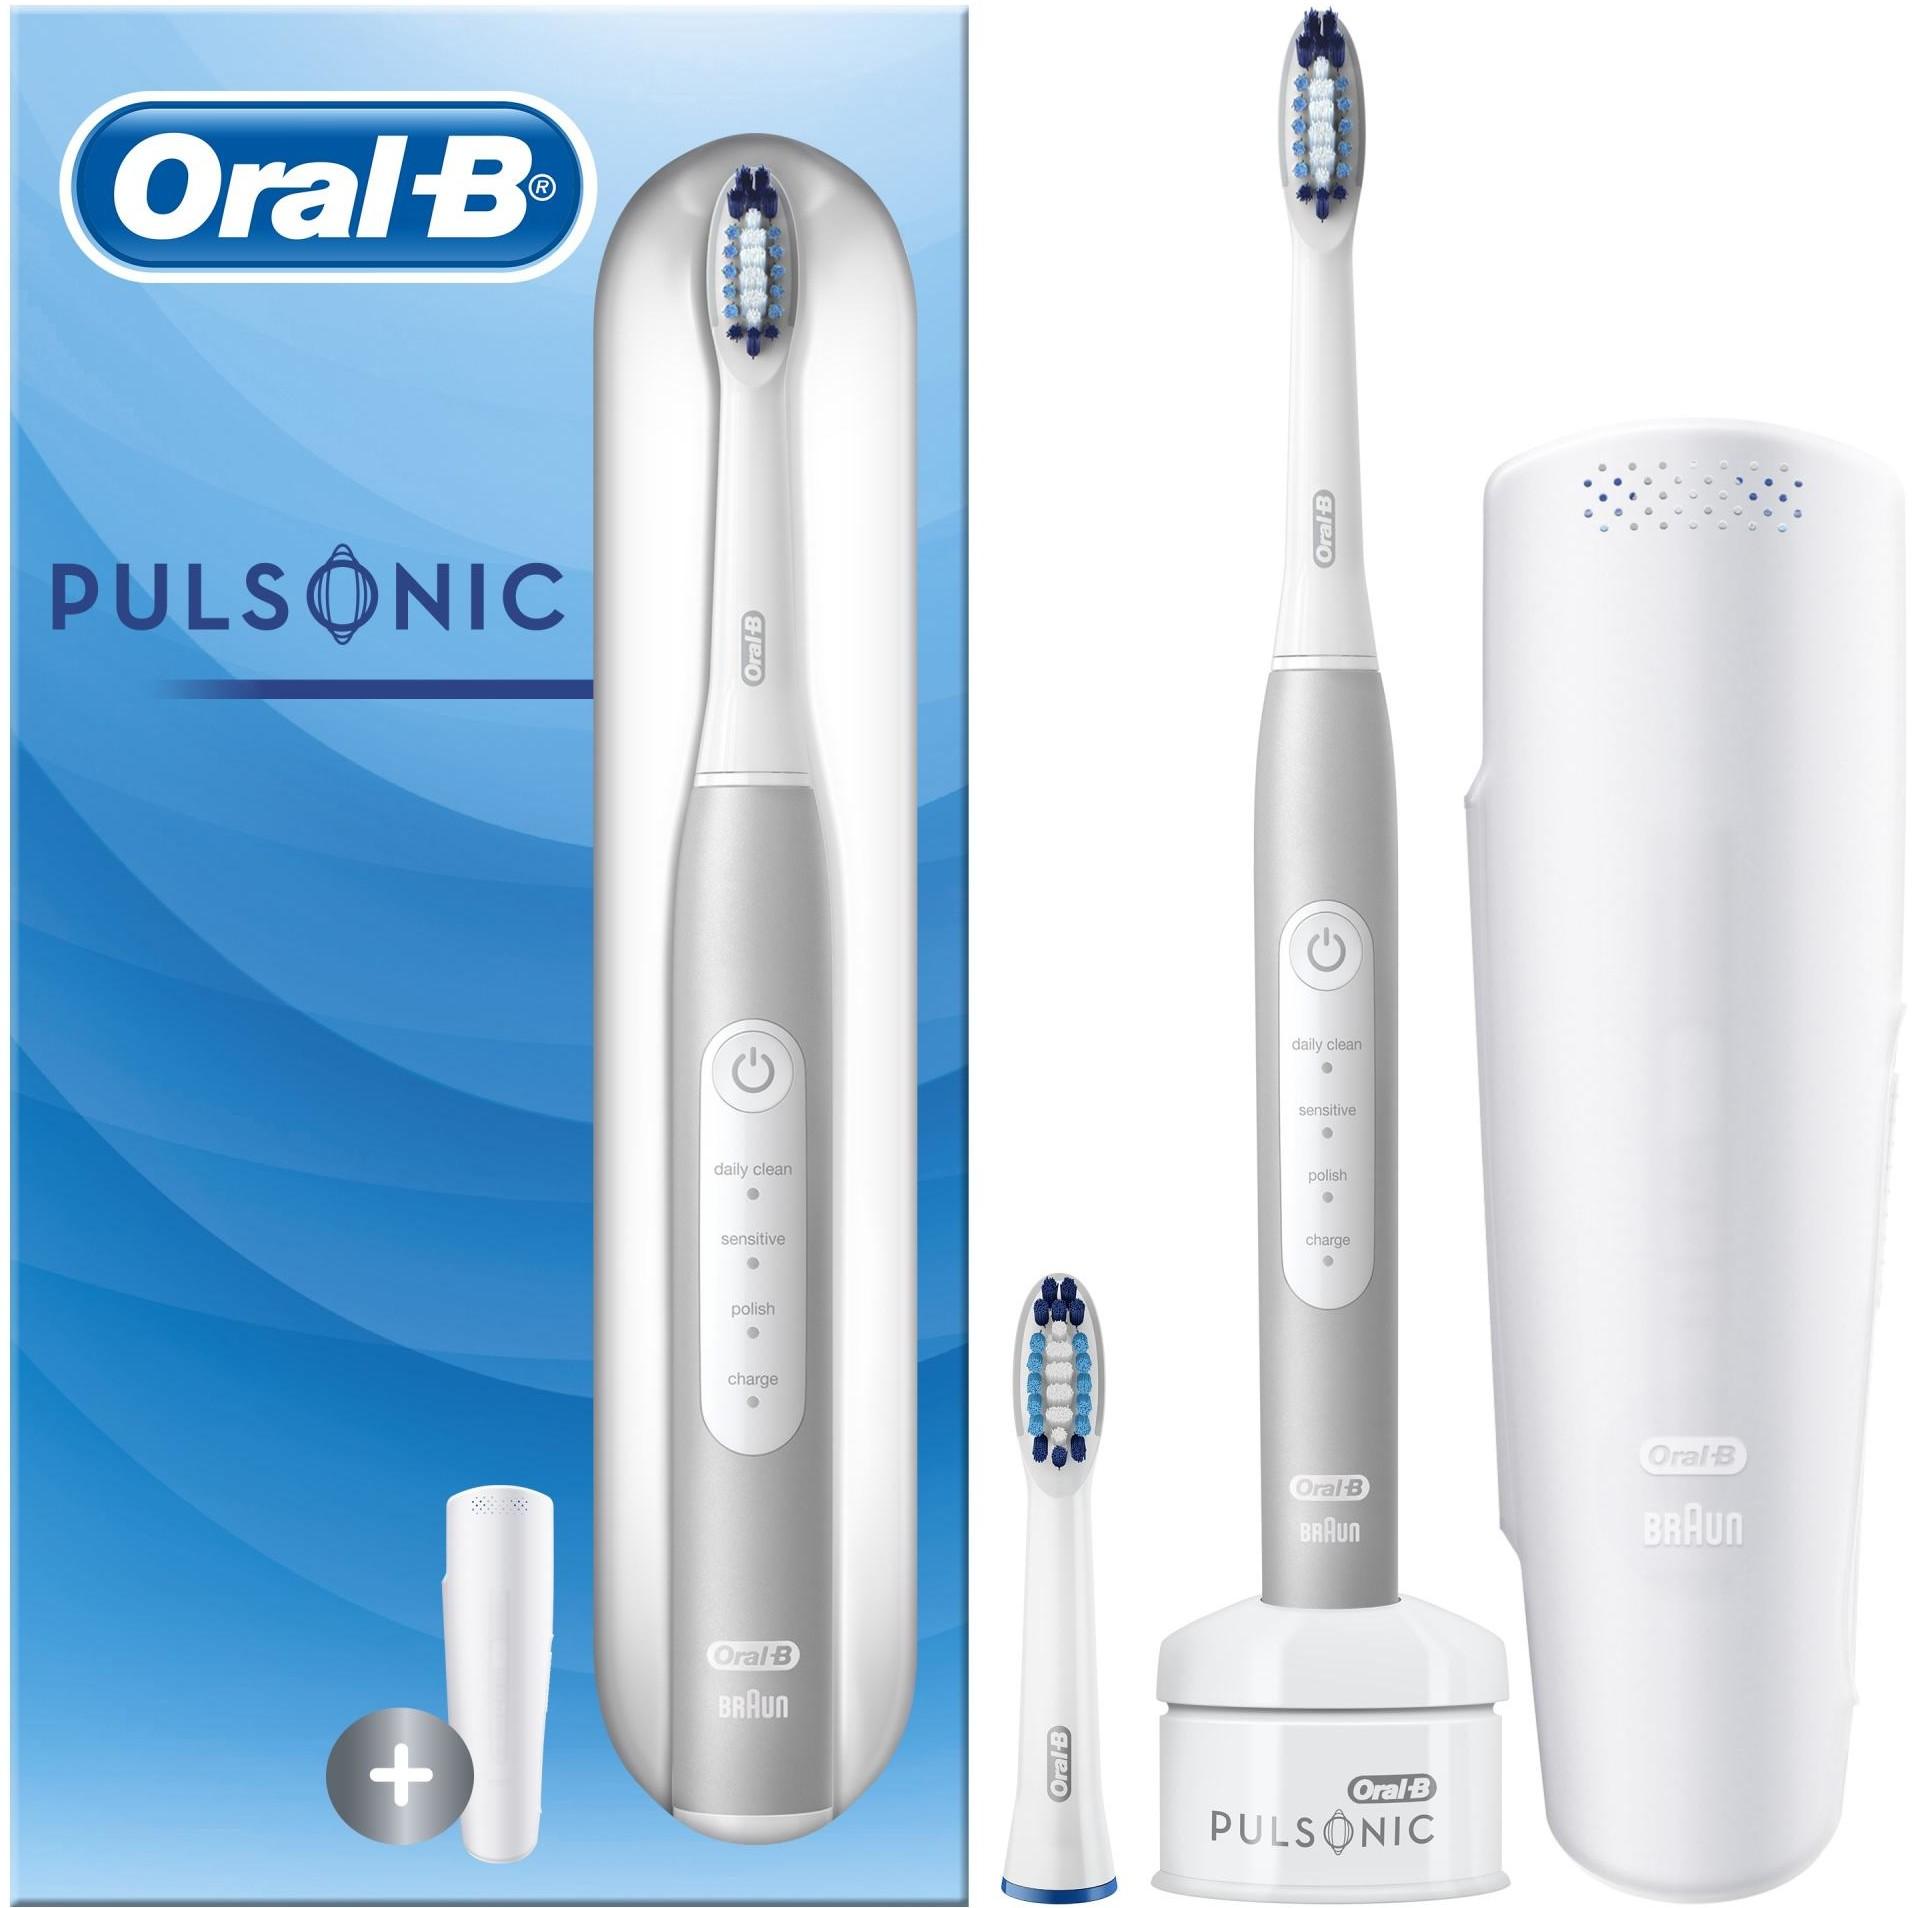 Oral-B Oral B szczoteczka do zębów Pulsonic Slim Luxe 4200 White Ecom pack